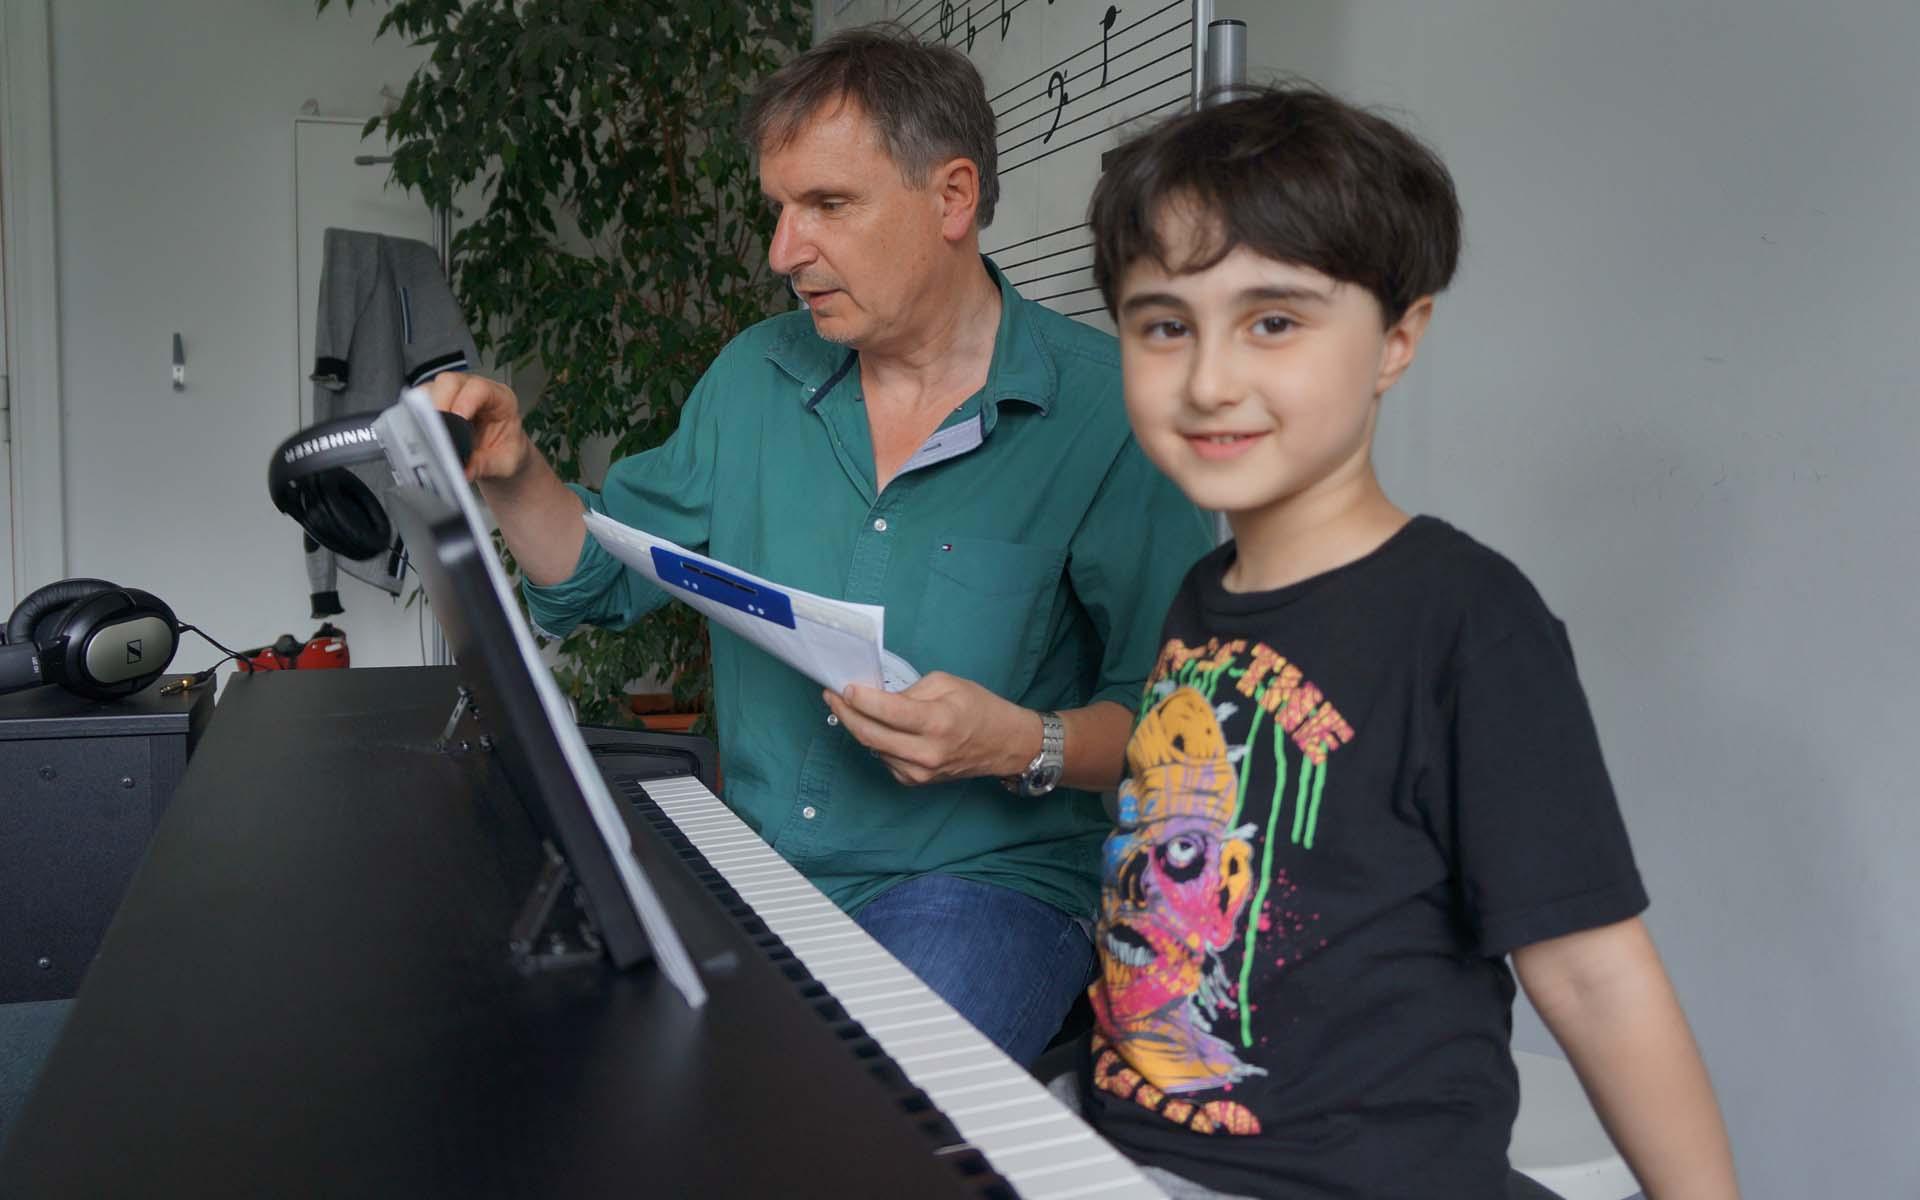 Lerne jetzt Klavier spielen in der Musikschule Q15!